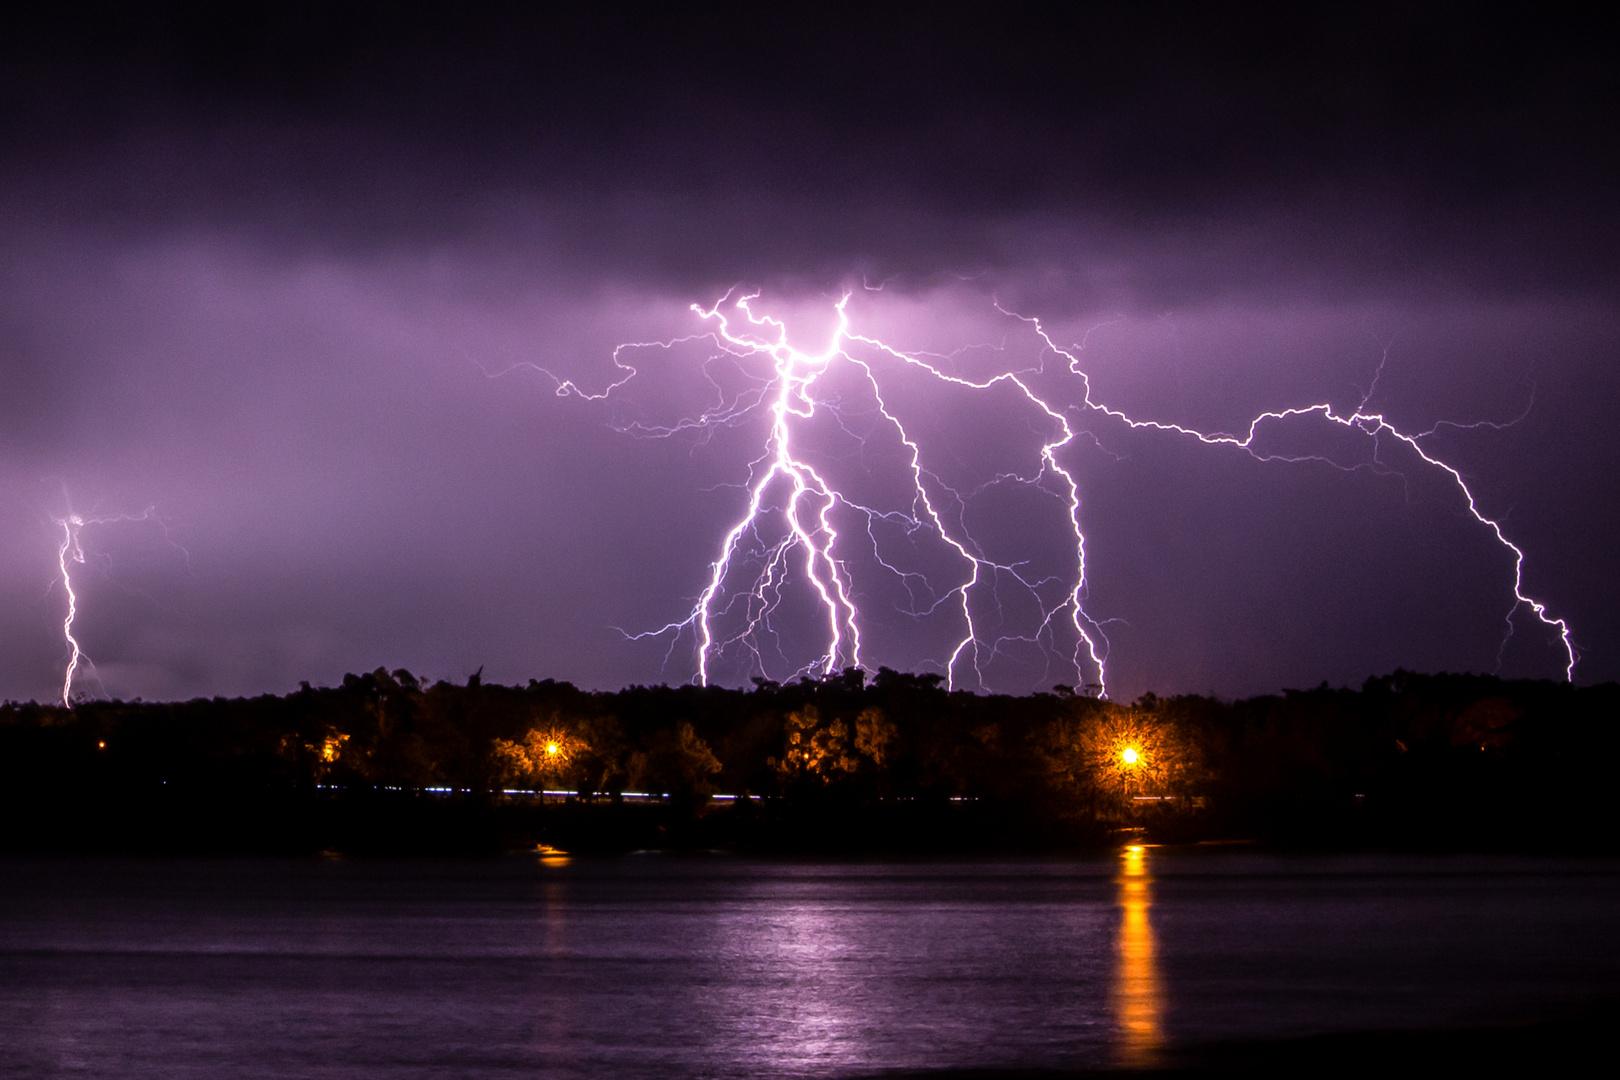 severe thunderstorm foto bild australia nature